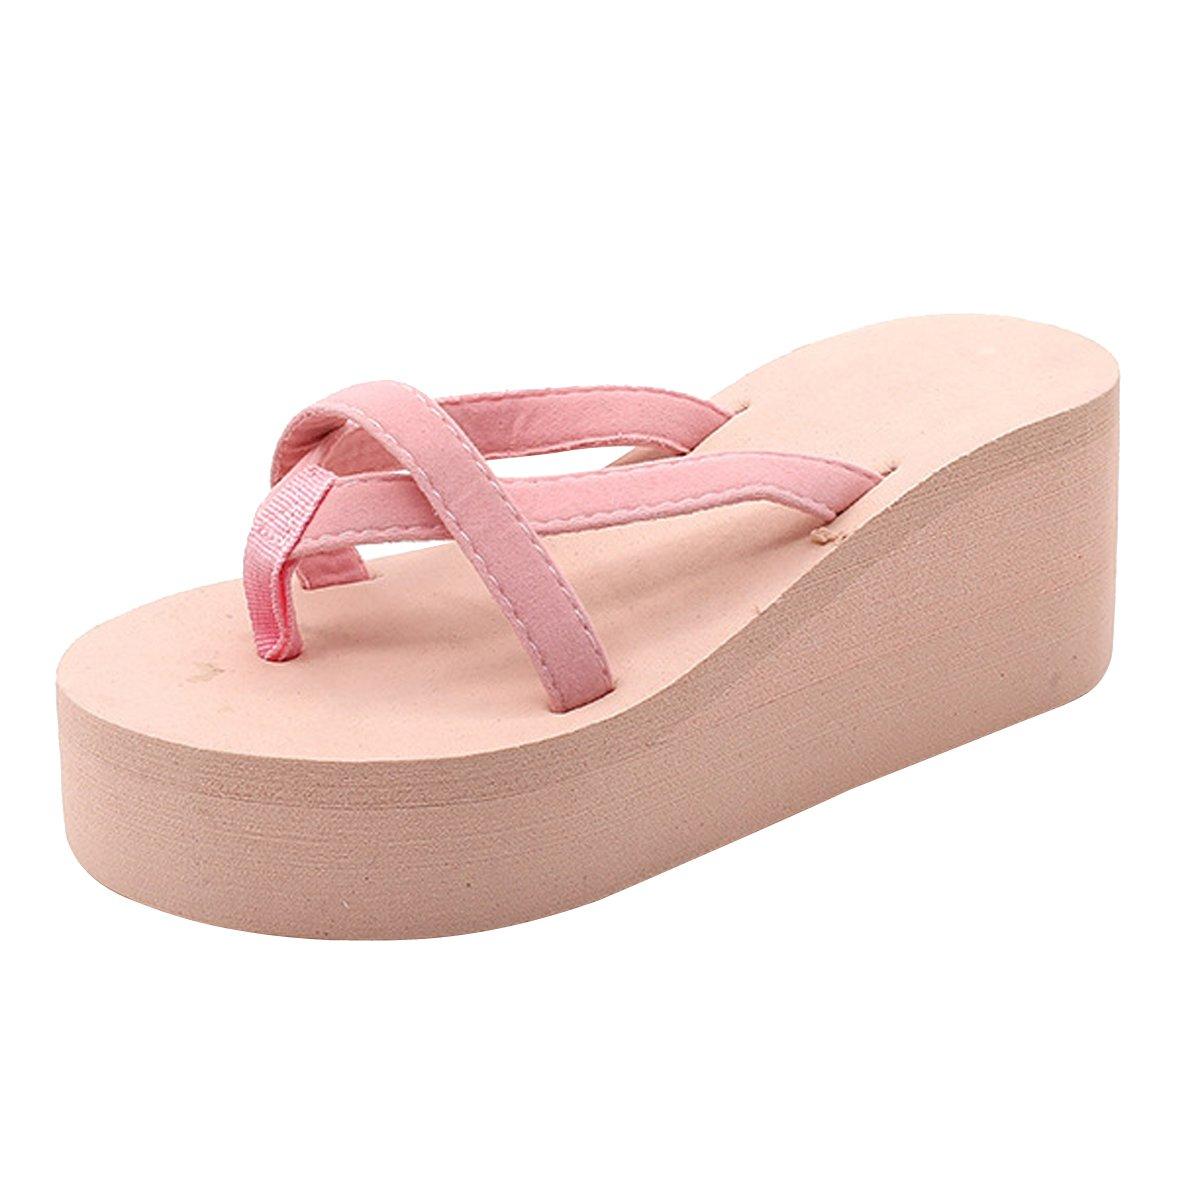 VFDB Women Summer Platform Sandals Flip Flops Chunky High Wedge Beach Flat Thong Slippers Pink